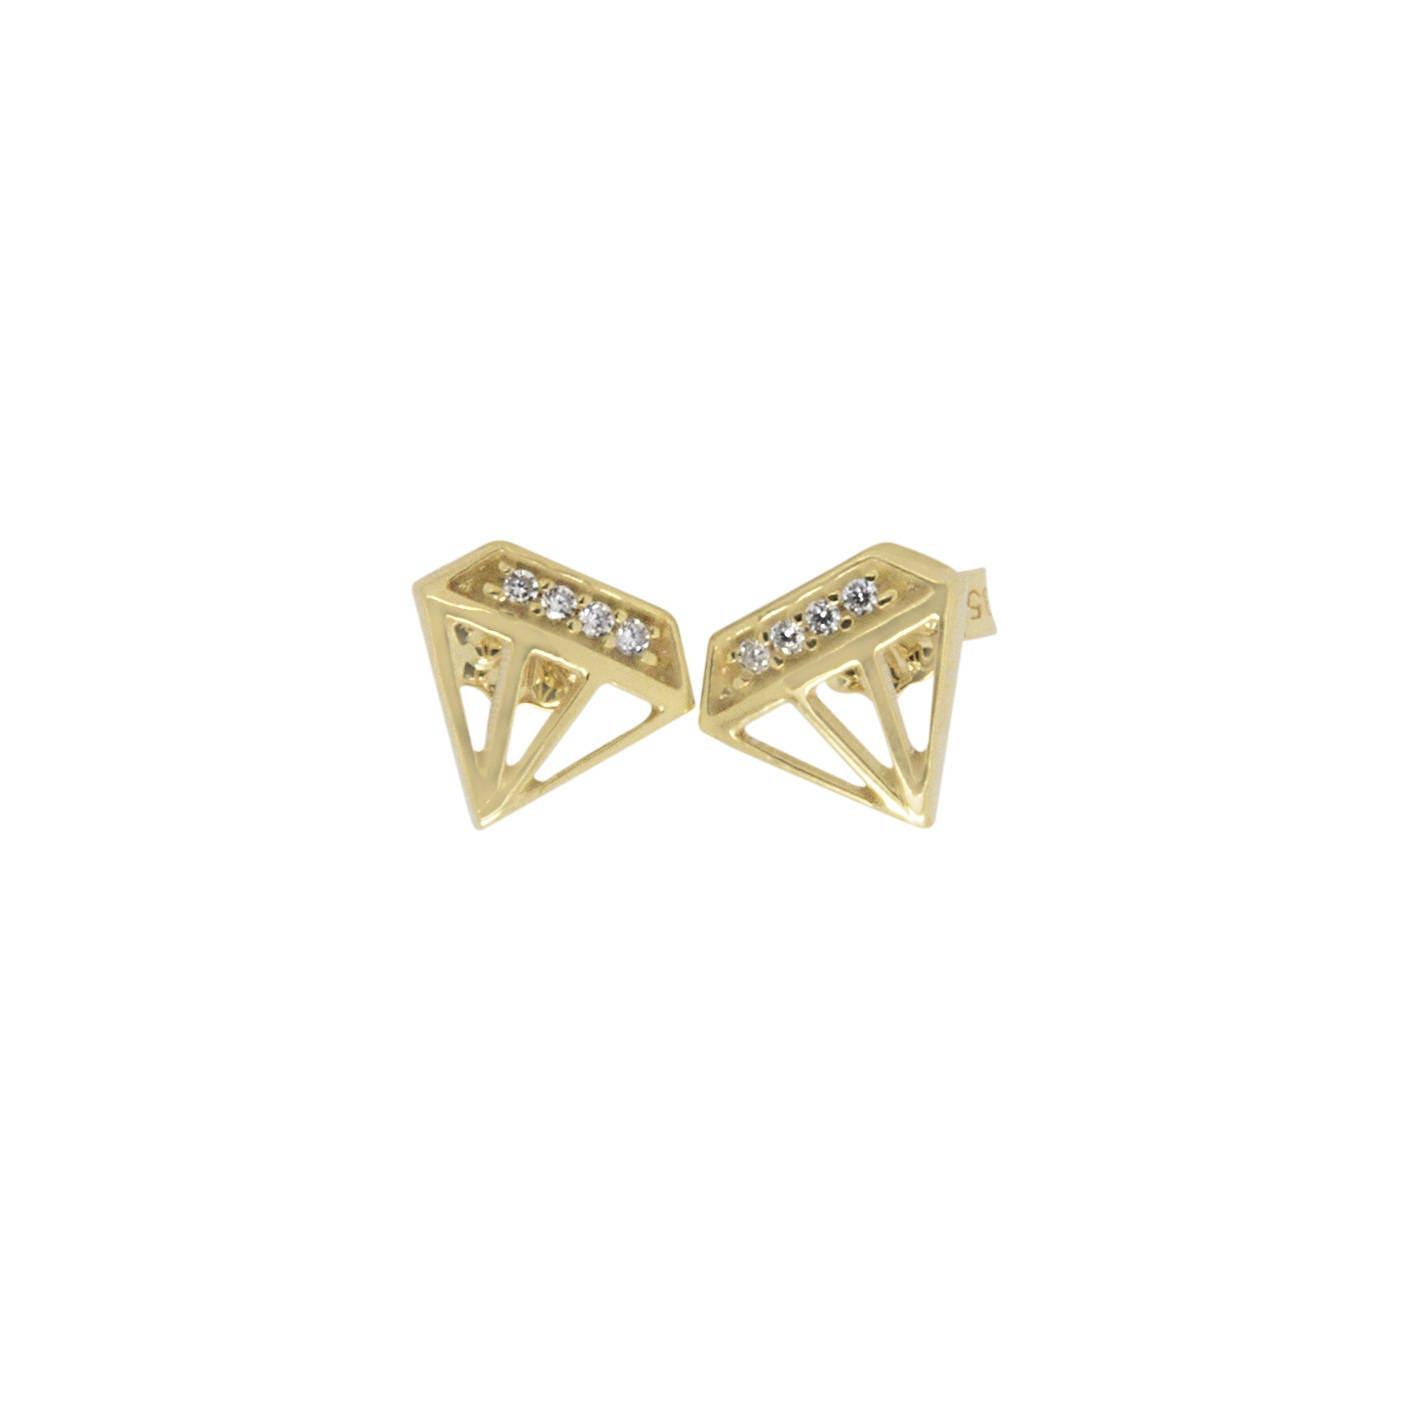 Diamond Shape Earrings, Solid Gold Earrings, Gold Diamond, Dainty ...